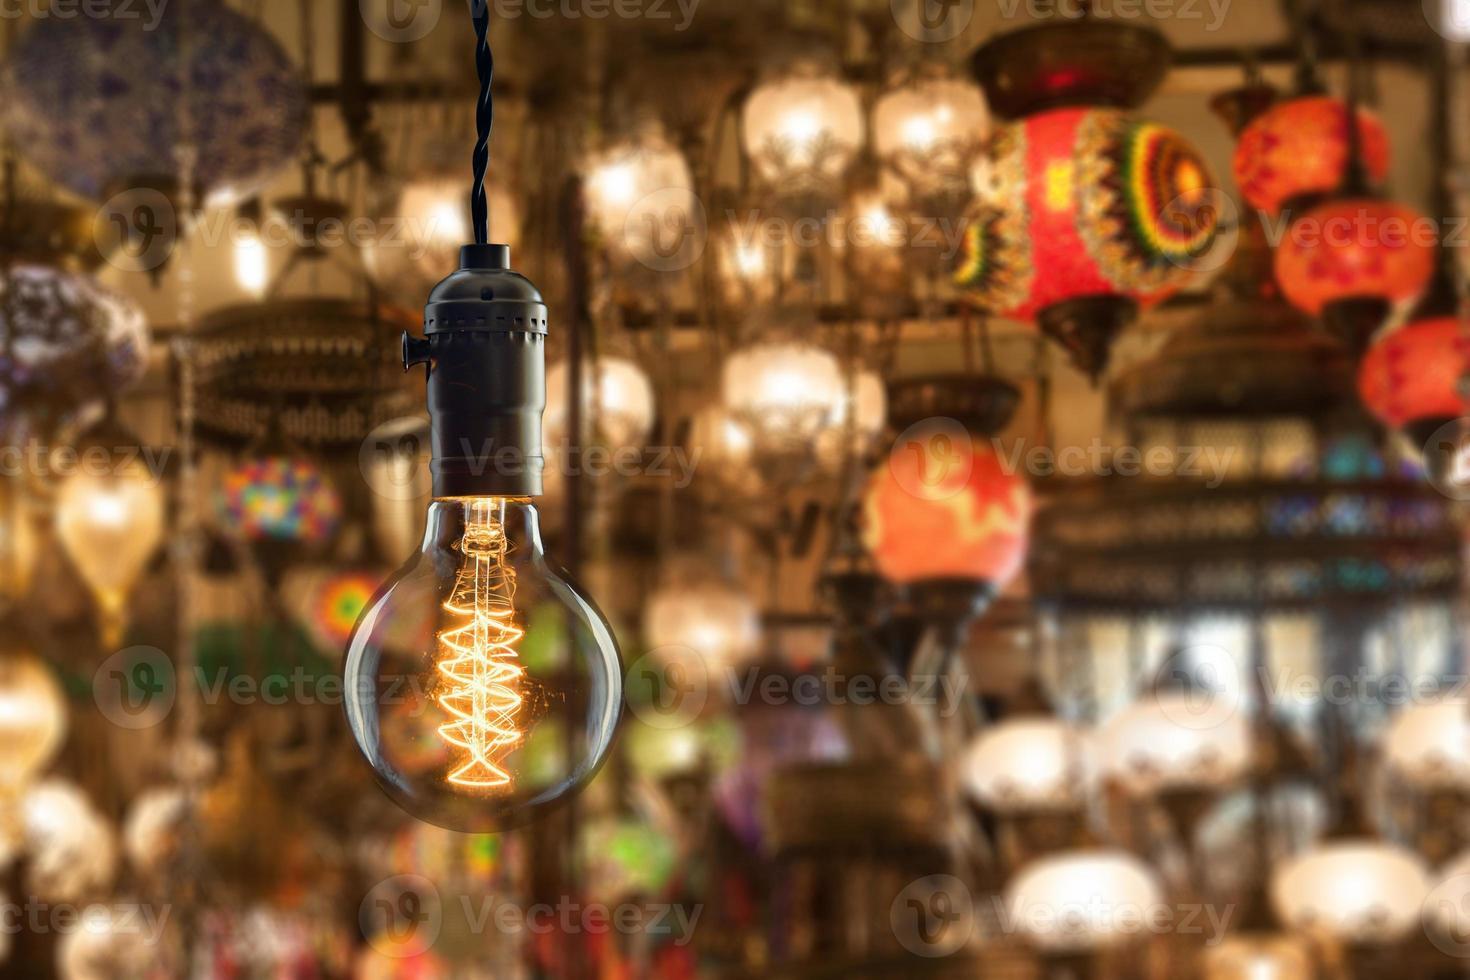 lâmpada incandescente vintage no mercado de equipamentos de luz em Istambul foto